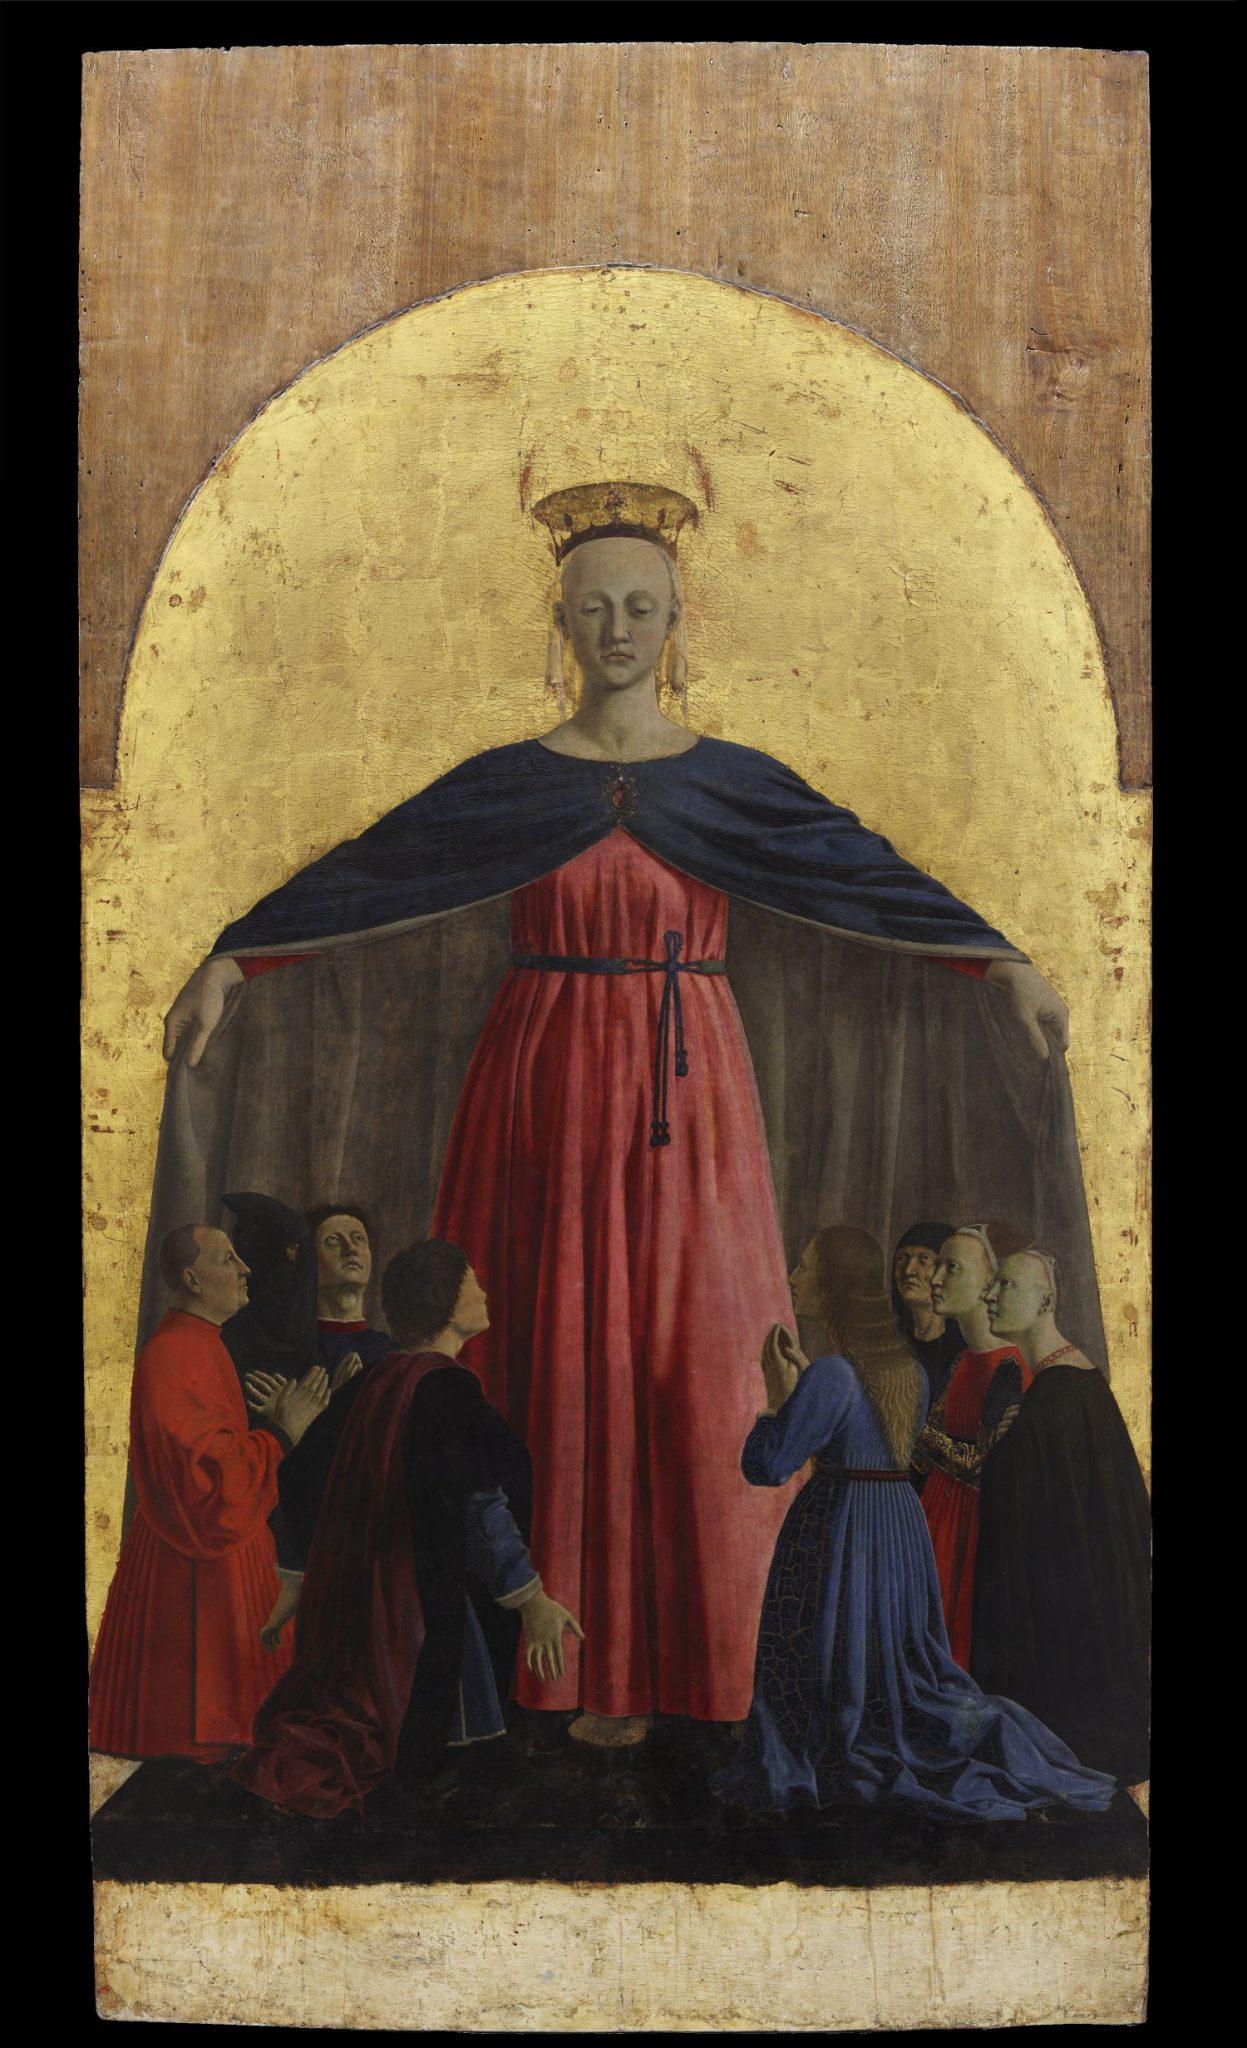 Piero della Francesca, Madonna della misericordia pannello centrale